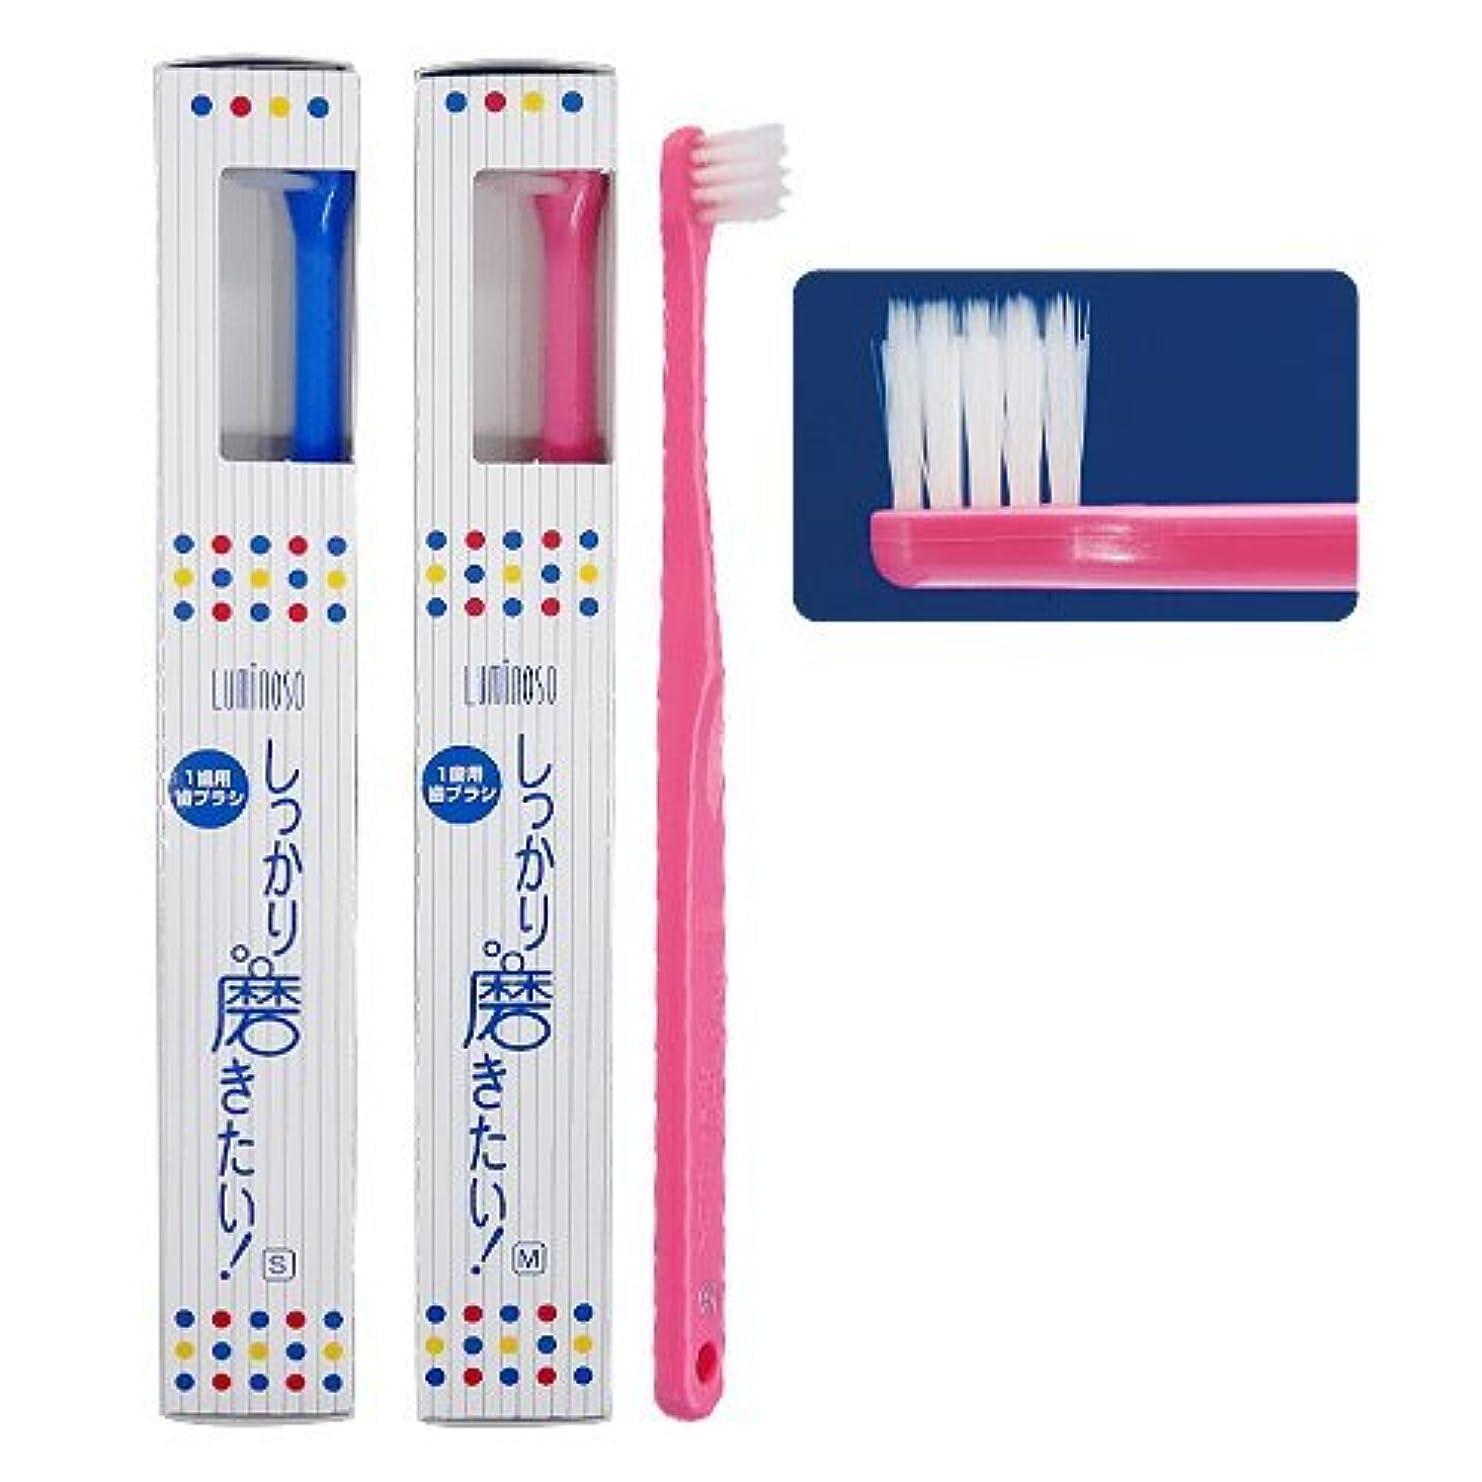 結婚式画面待つルミノソ 1歯用歯ブラシ「しっかり磨きたい!」スタンダード ミディアム (カラー指定不可) 5本